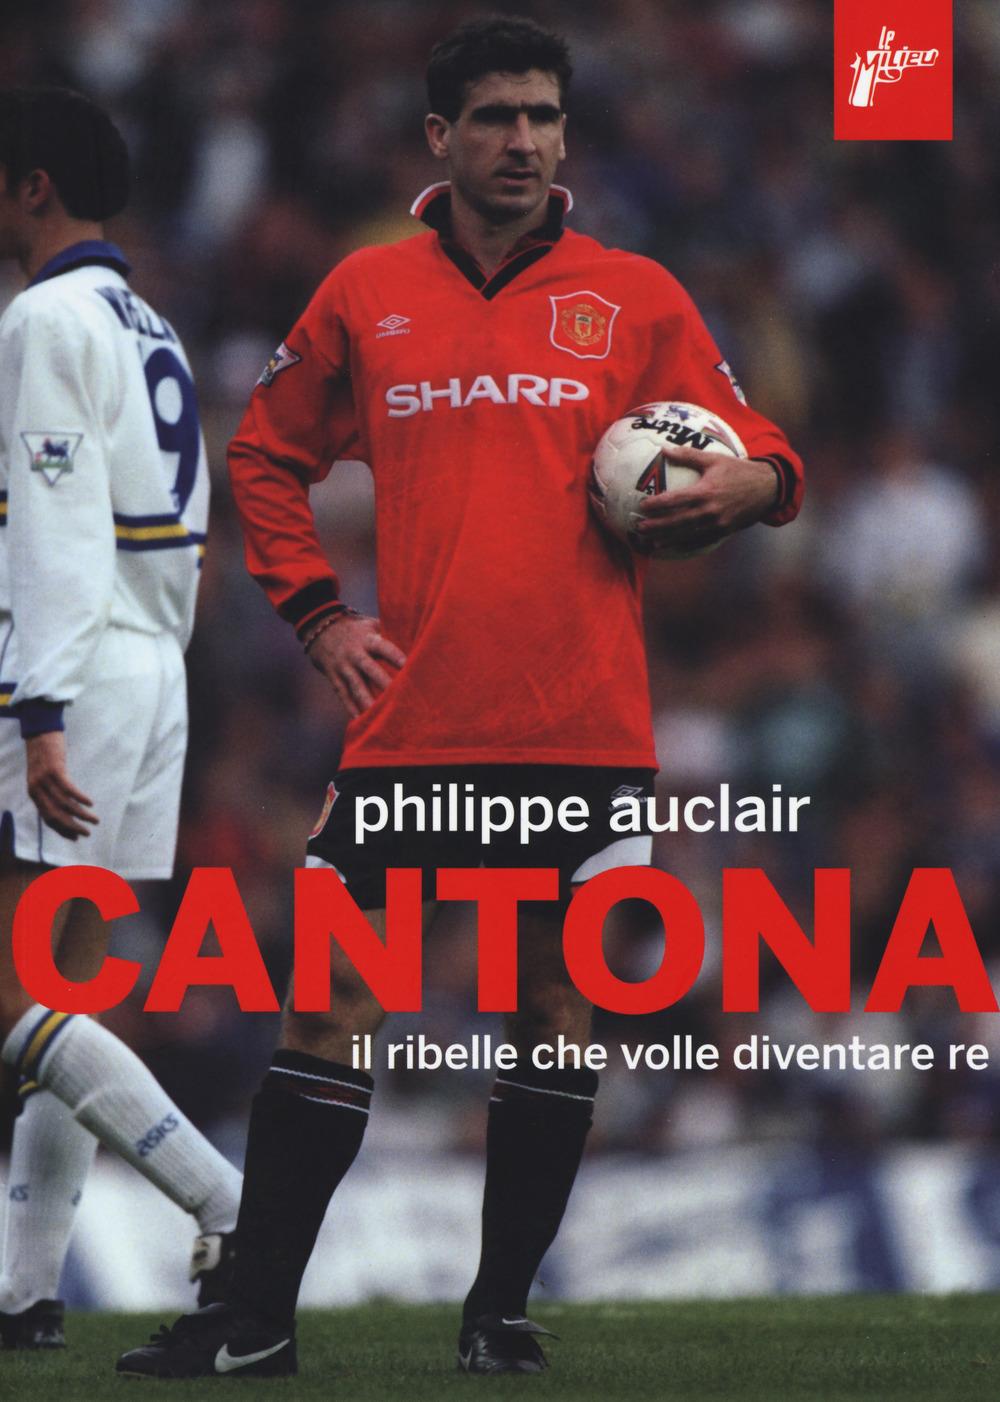 Cantona – Il ribelle che volle diventare re 1 - fanzine